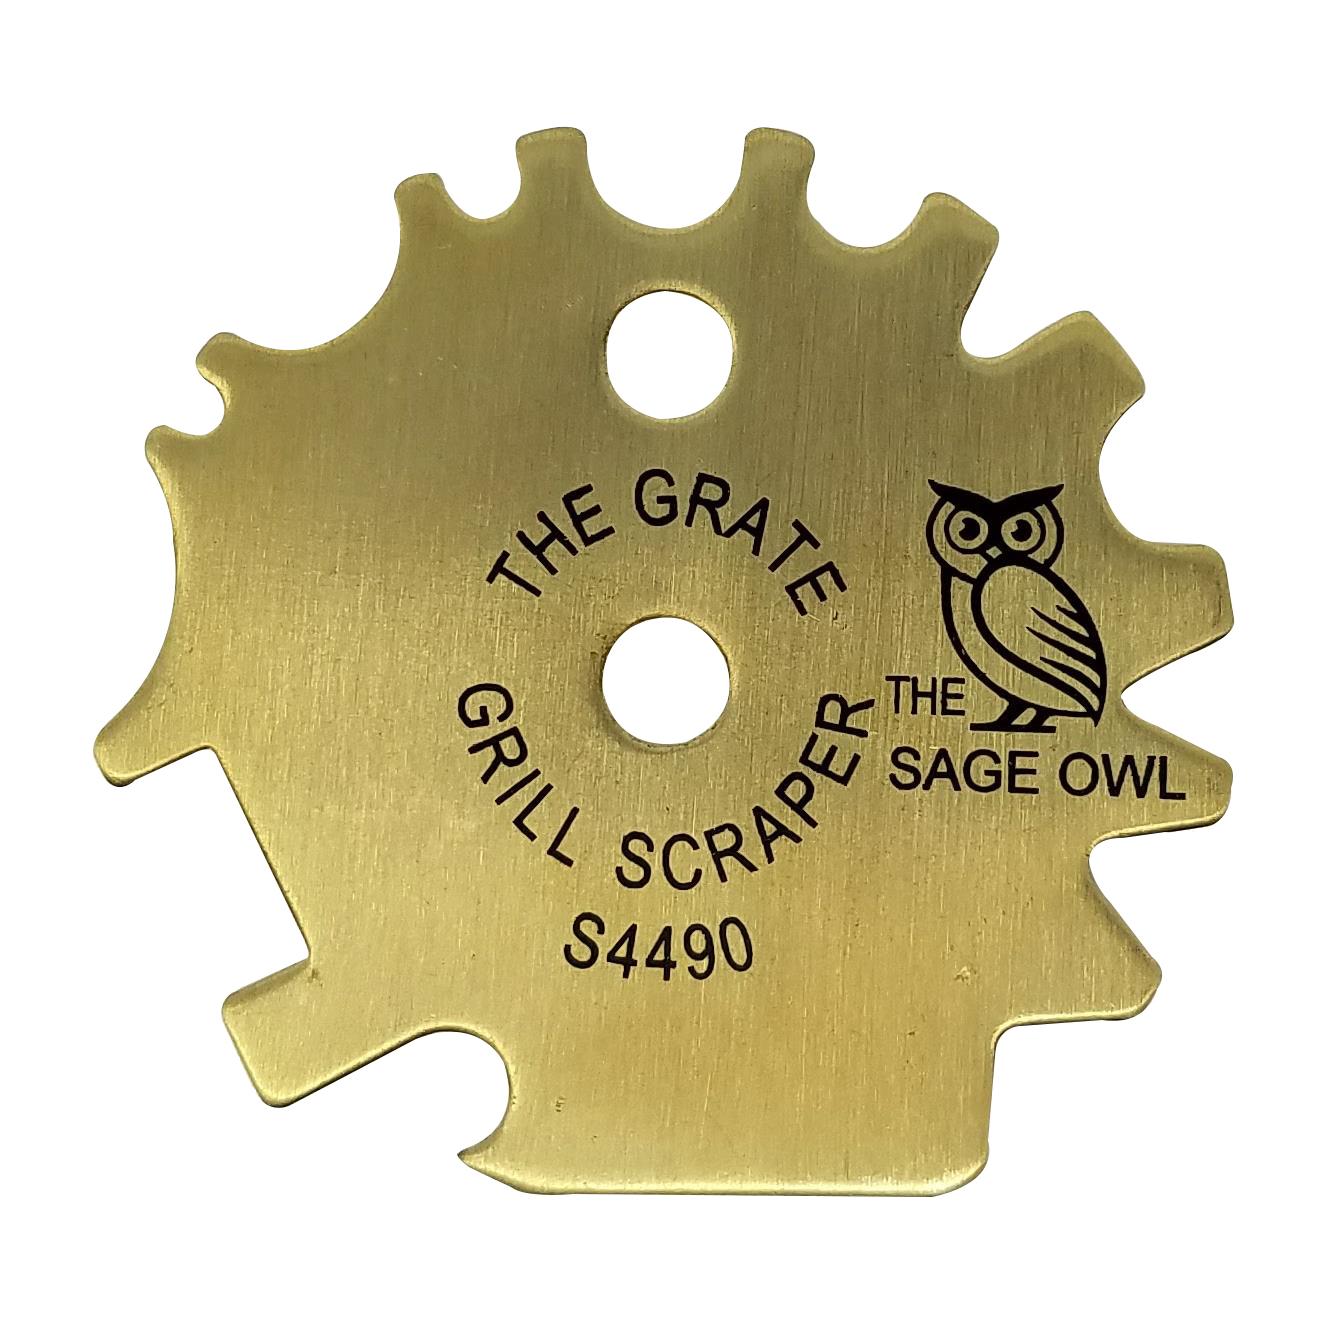 The Grate Grill Scraper